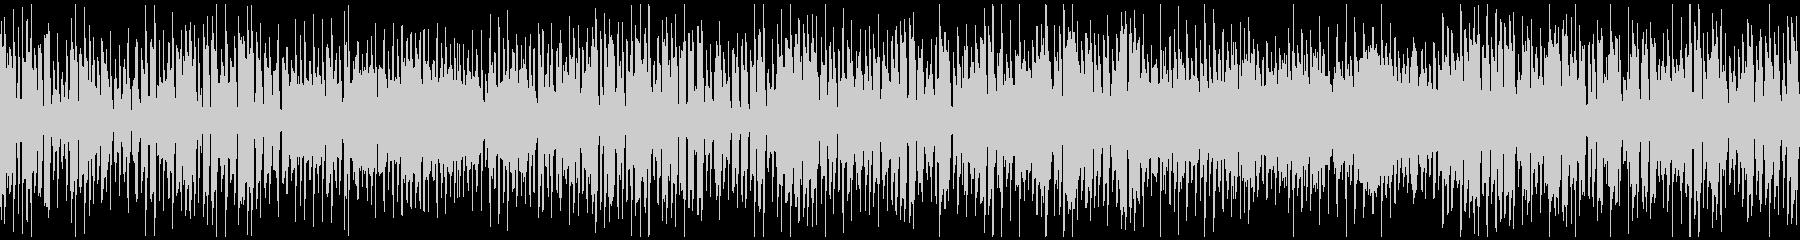 リコーダー、ほのぼの脱力ジャズ※ループ版の未再生の波形